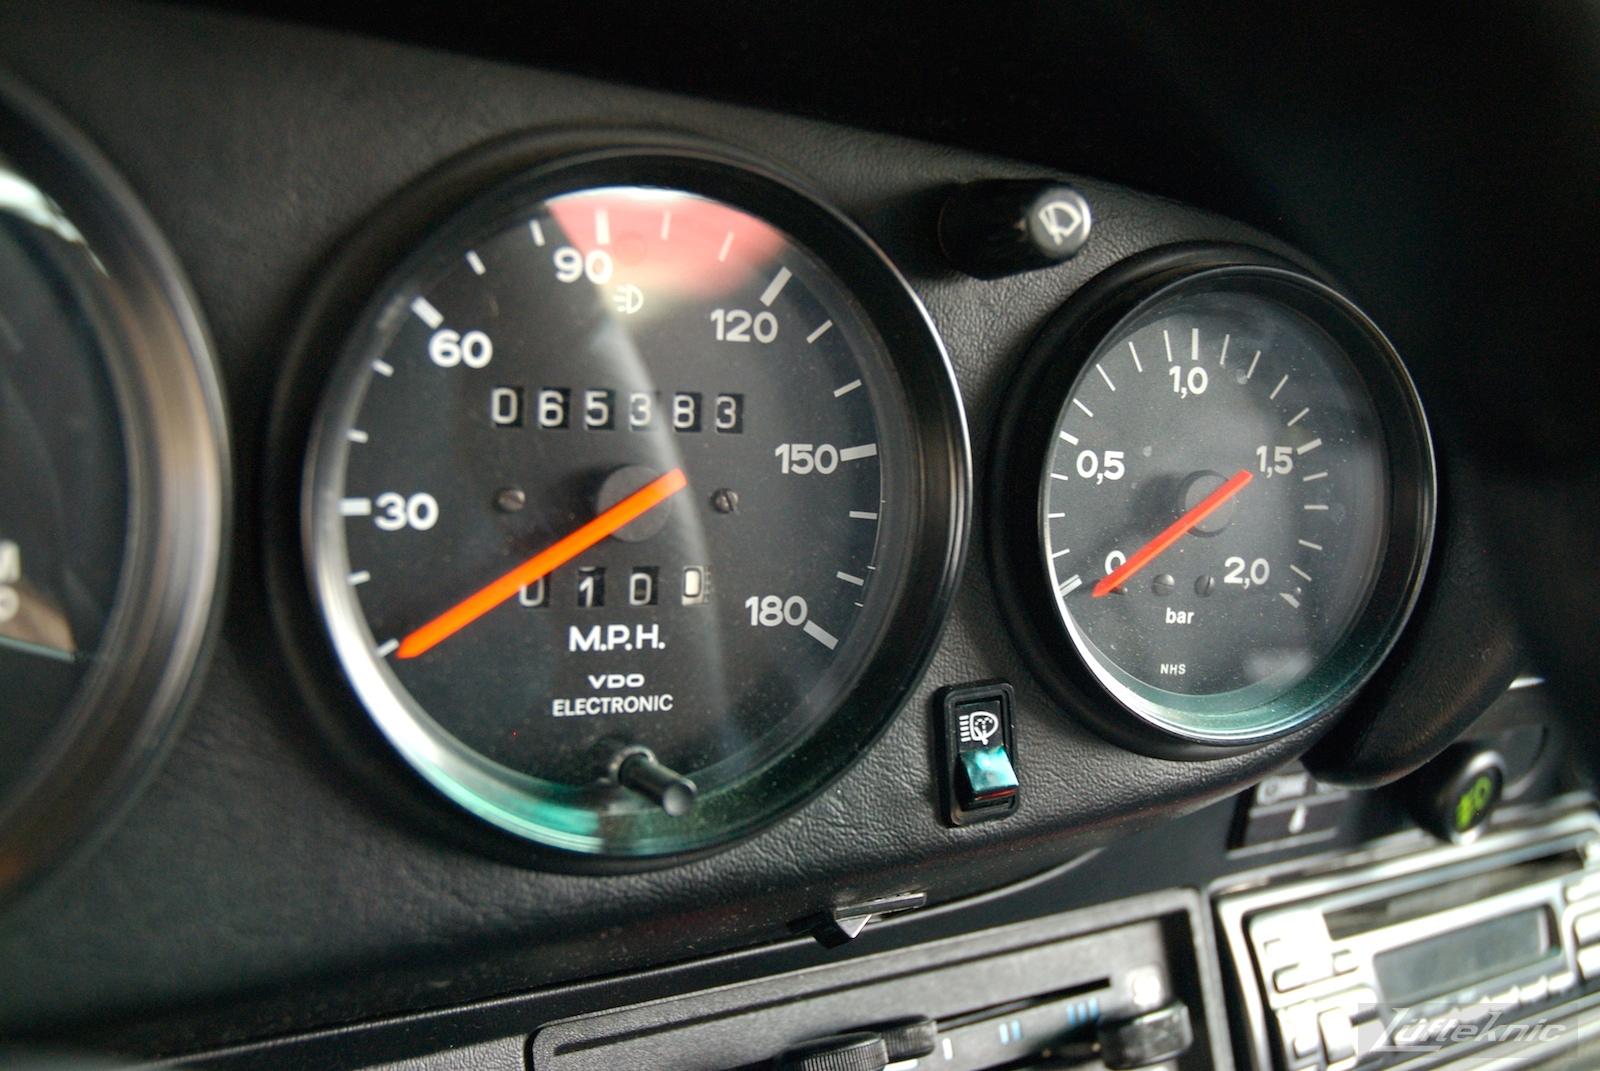 Red Porsche 930 Turbo gauges.